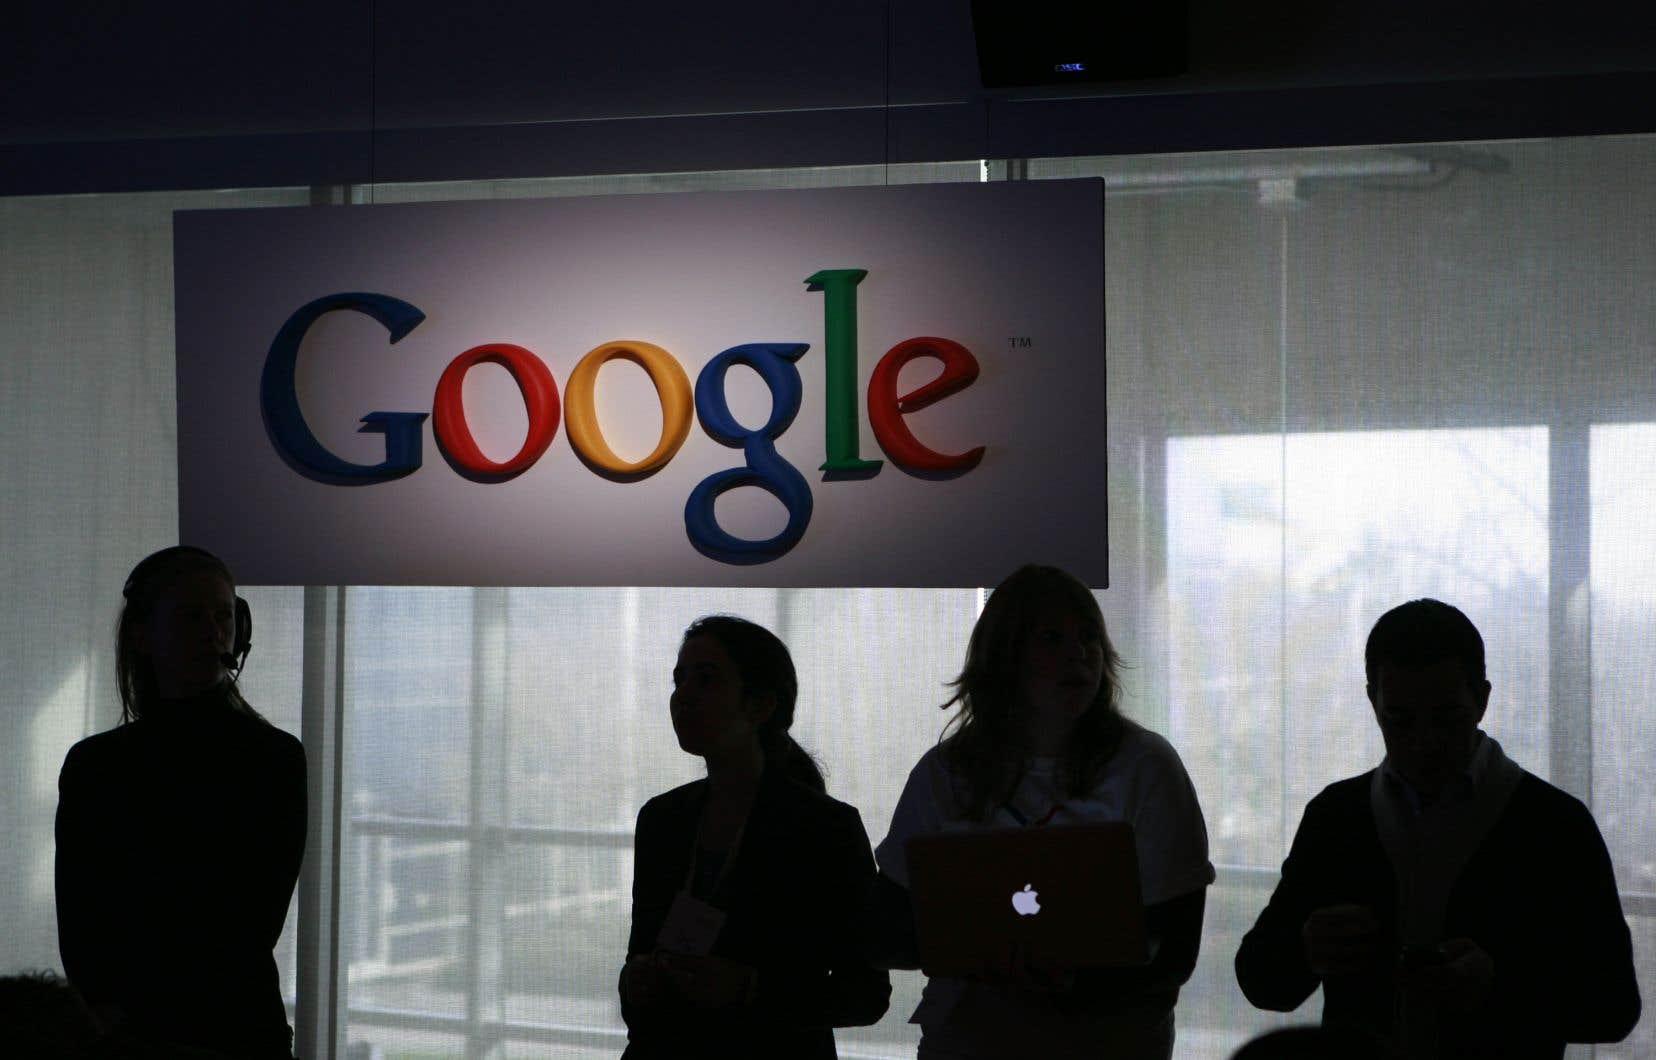 Le géant américain est soupçonné d'utiliser abusivement les données personnelles des utilisateurs et de se servir de sa position dominante pour manipuler les résultats de recherche à son avantage.